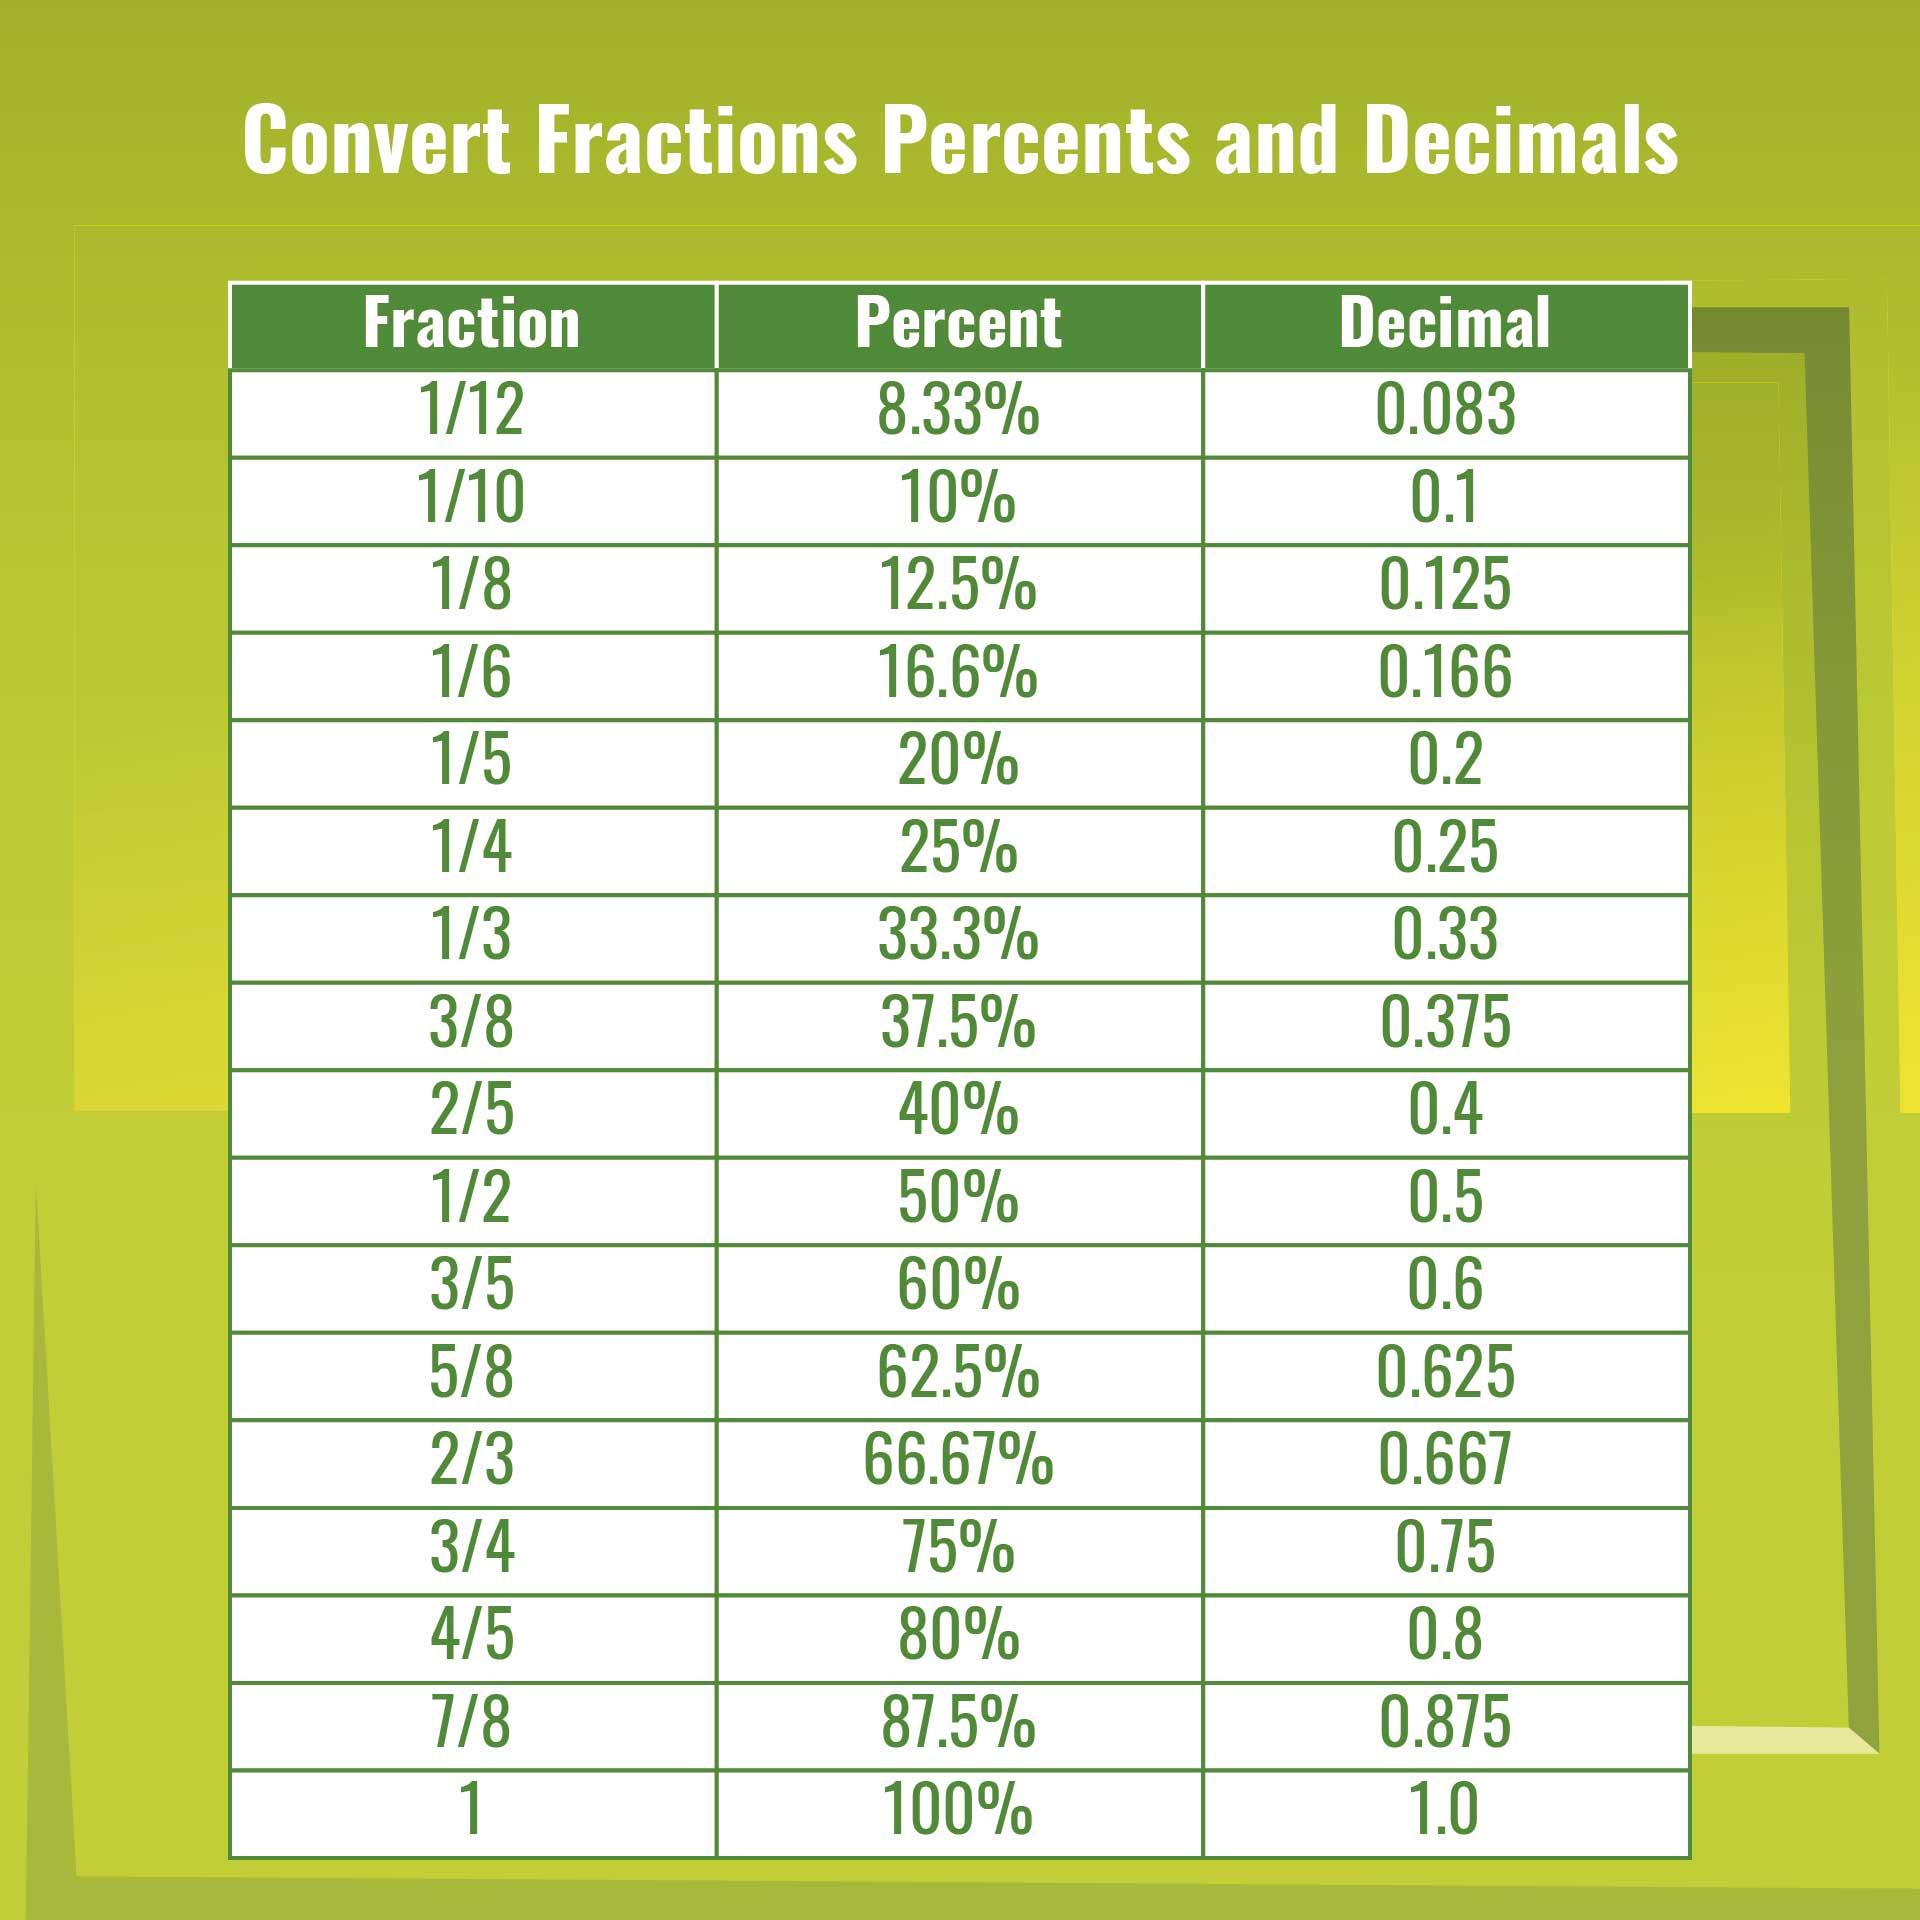 hight resolution of 32 Fraction Decimal Percent Conversion Worksheet - Worksheet Resource Plans